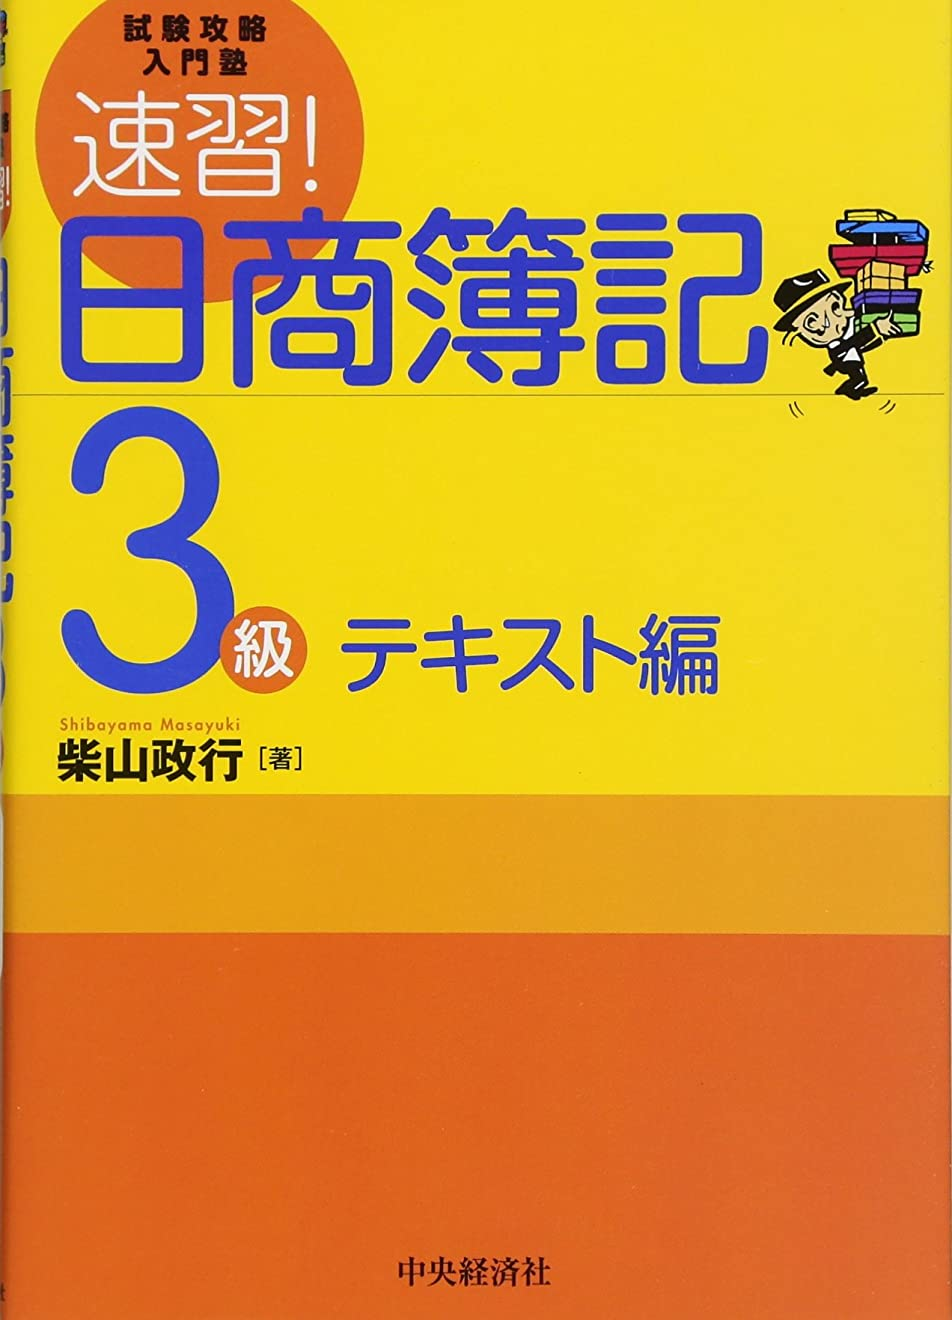 ハウスシュガー文字通り試験攻略入門塾 速習!日商簿記3級[テキスト編]